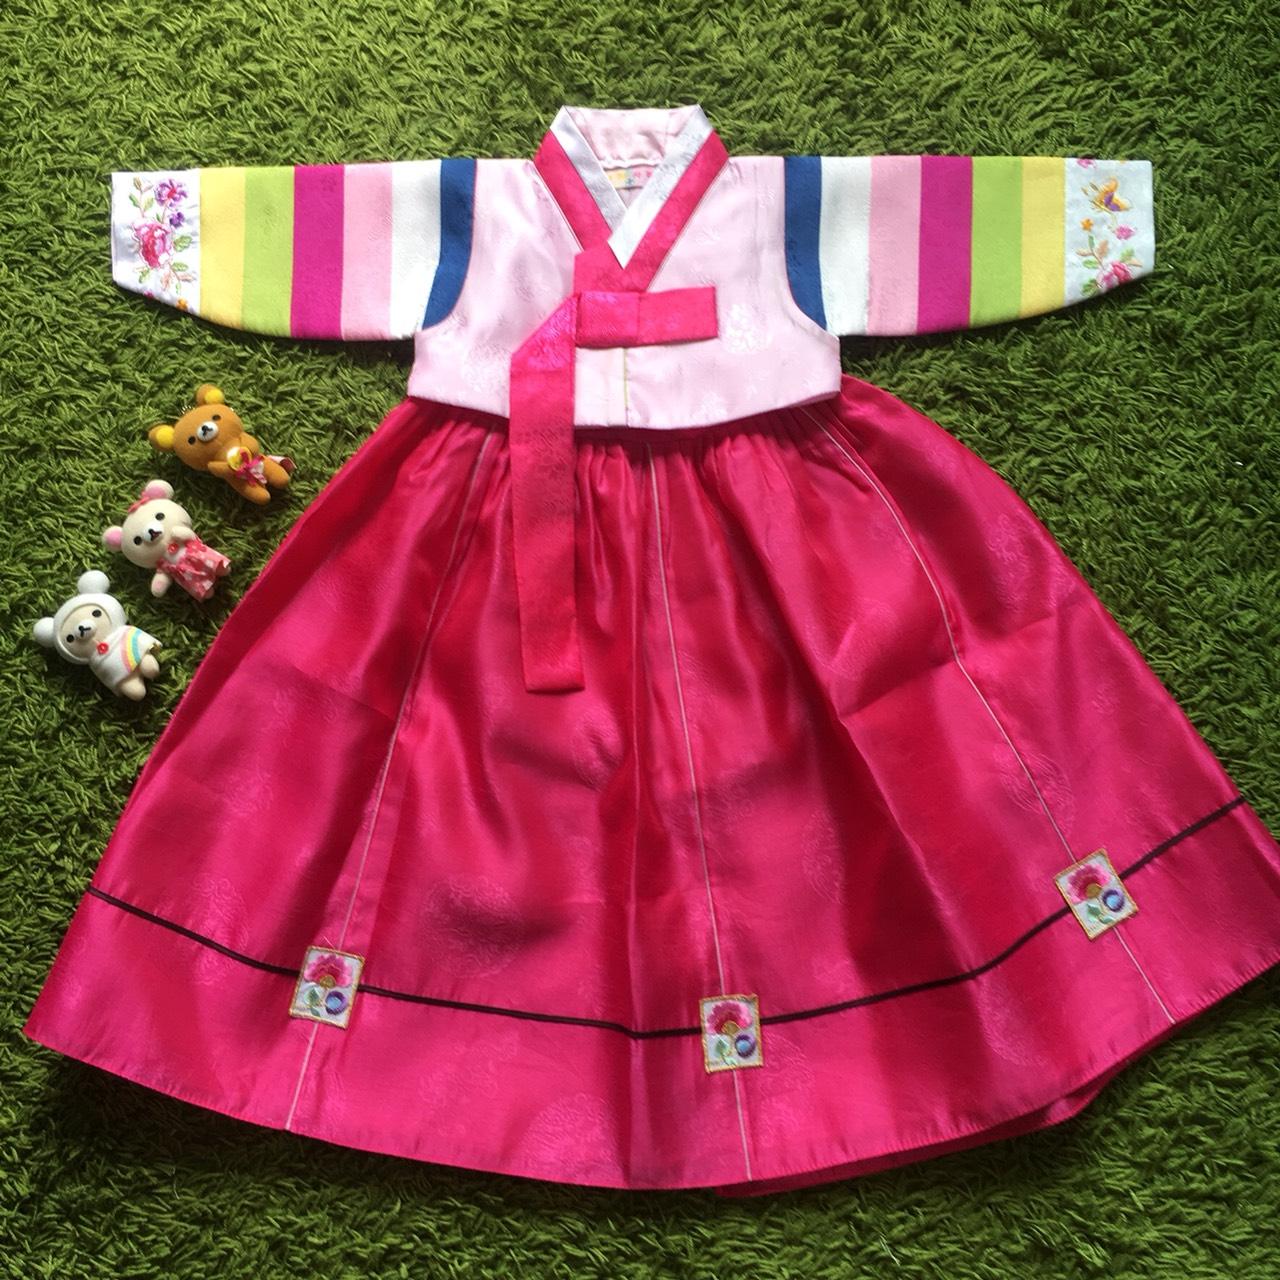 Hanbok Girl ฮันบกผ้าไหมชาววัง สำหรับเด็ก 2 ขวบ